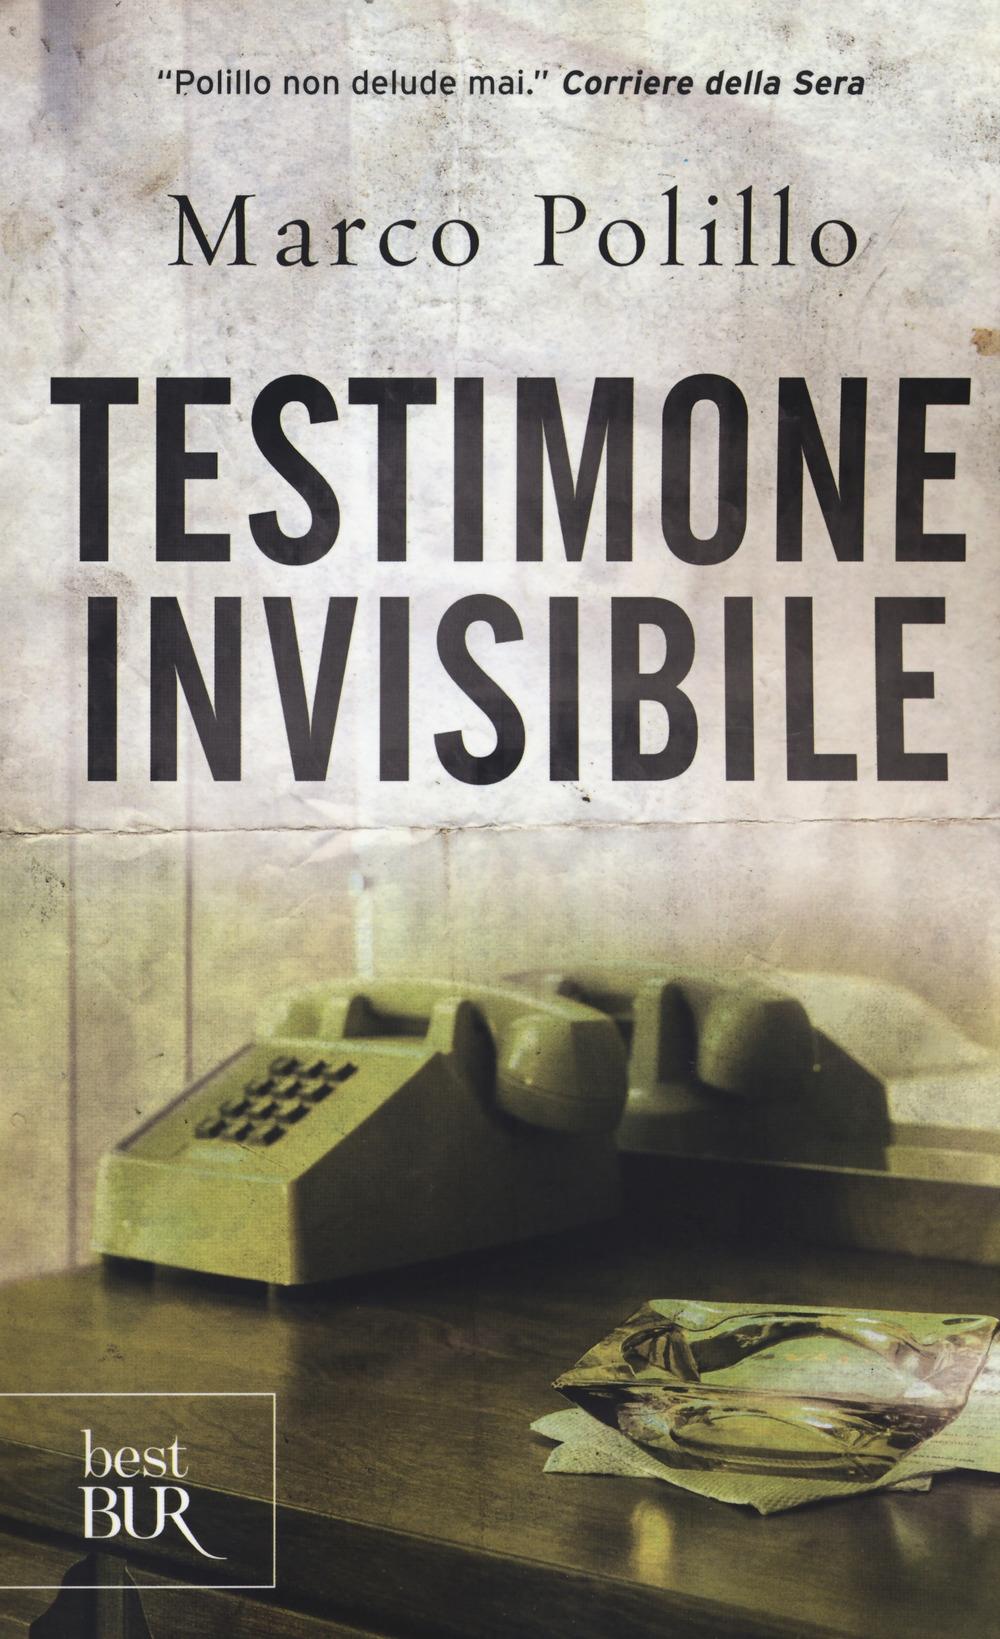 Testimone invisibile